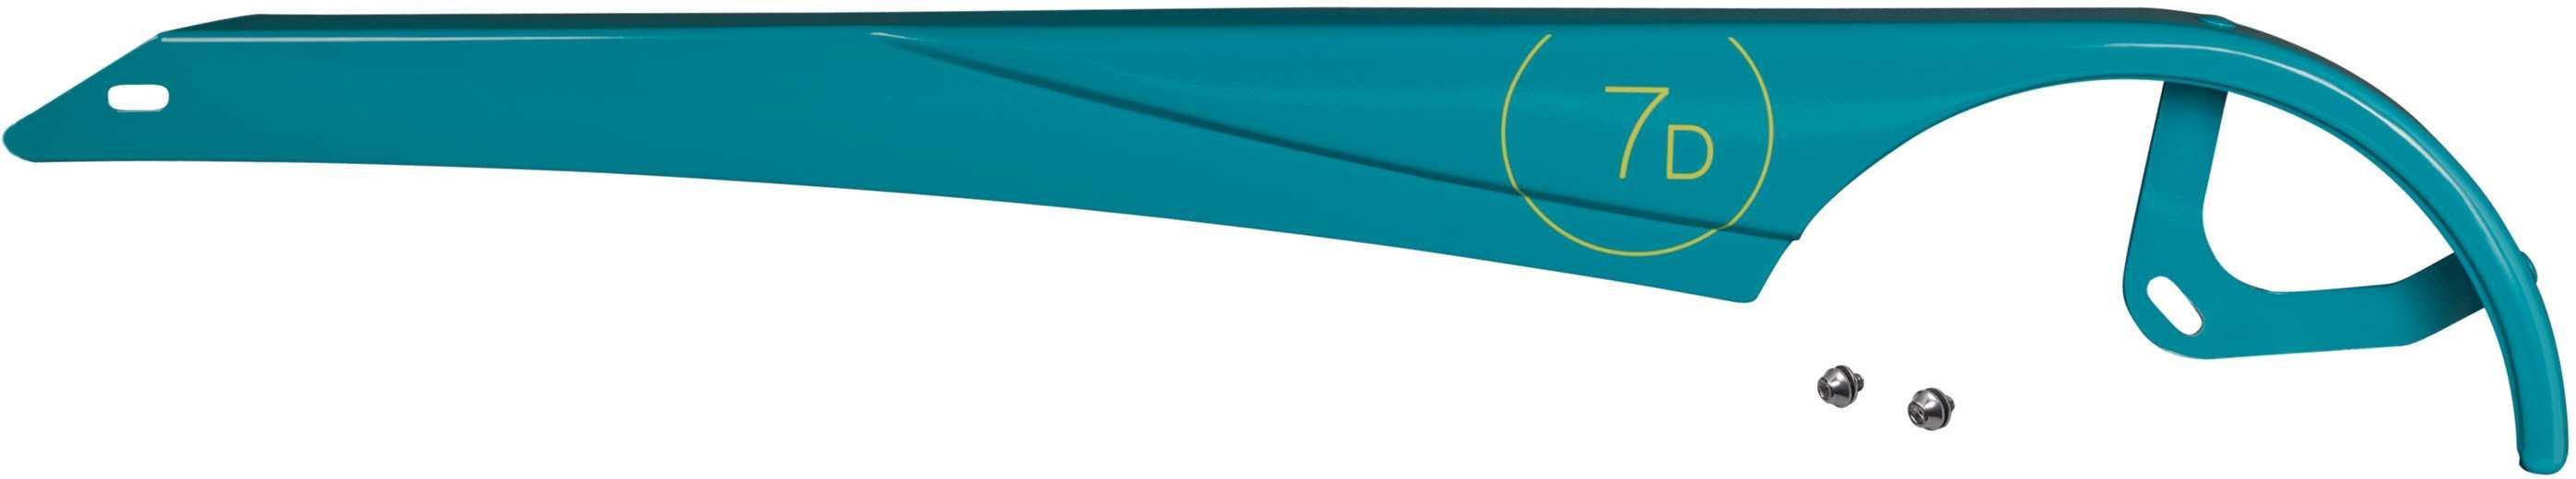 Kedjeskydd Electra Townie 7D Ladies grön   Kædeskærme og beslag